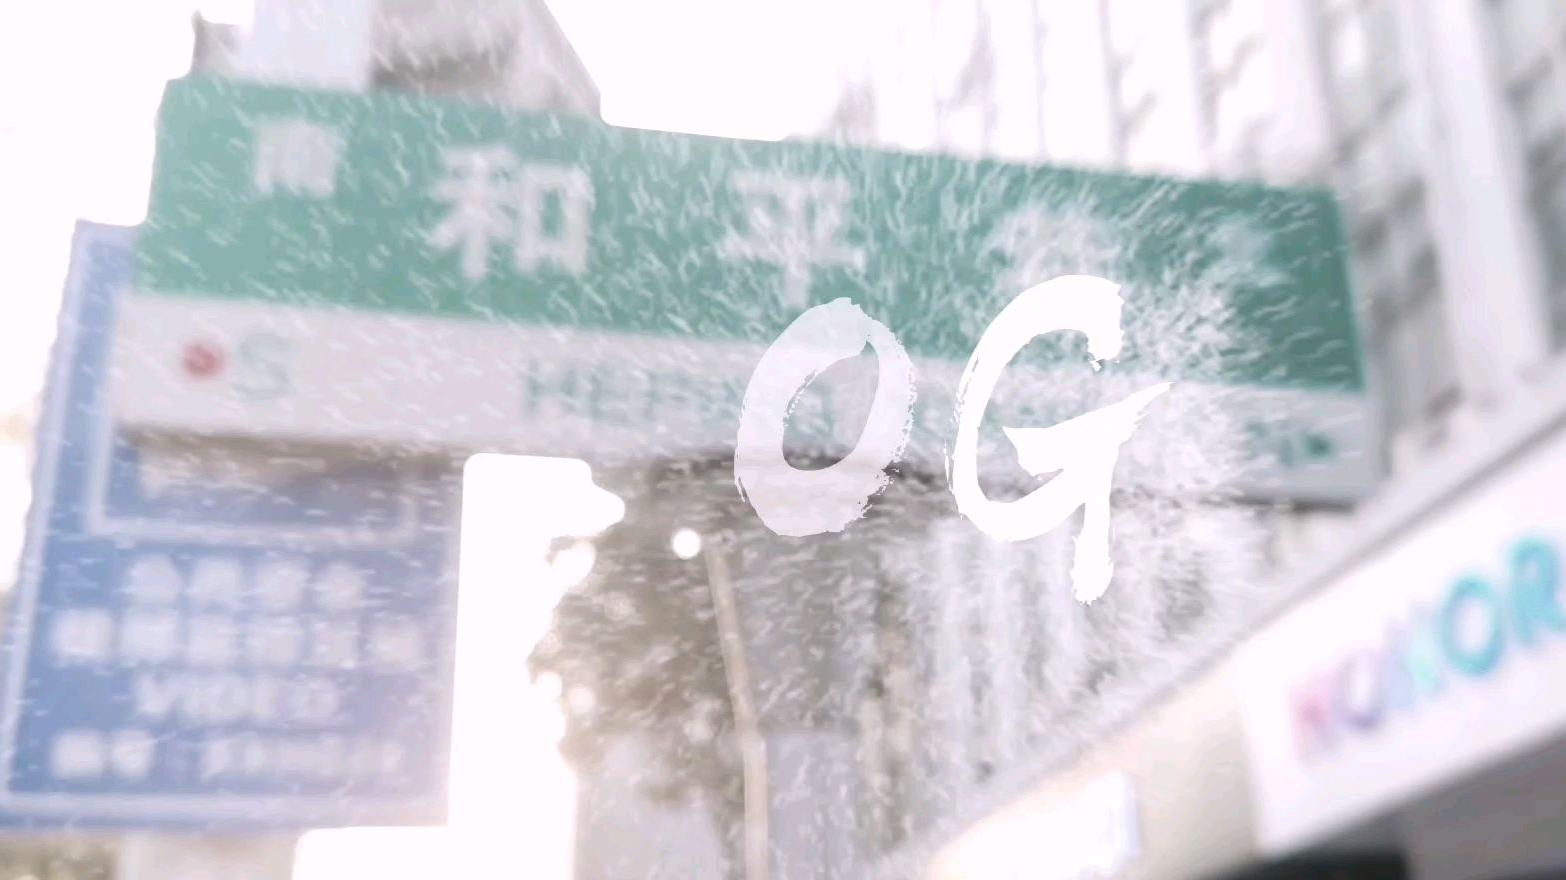 【成片】VLOG每一帧都是热爱